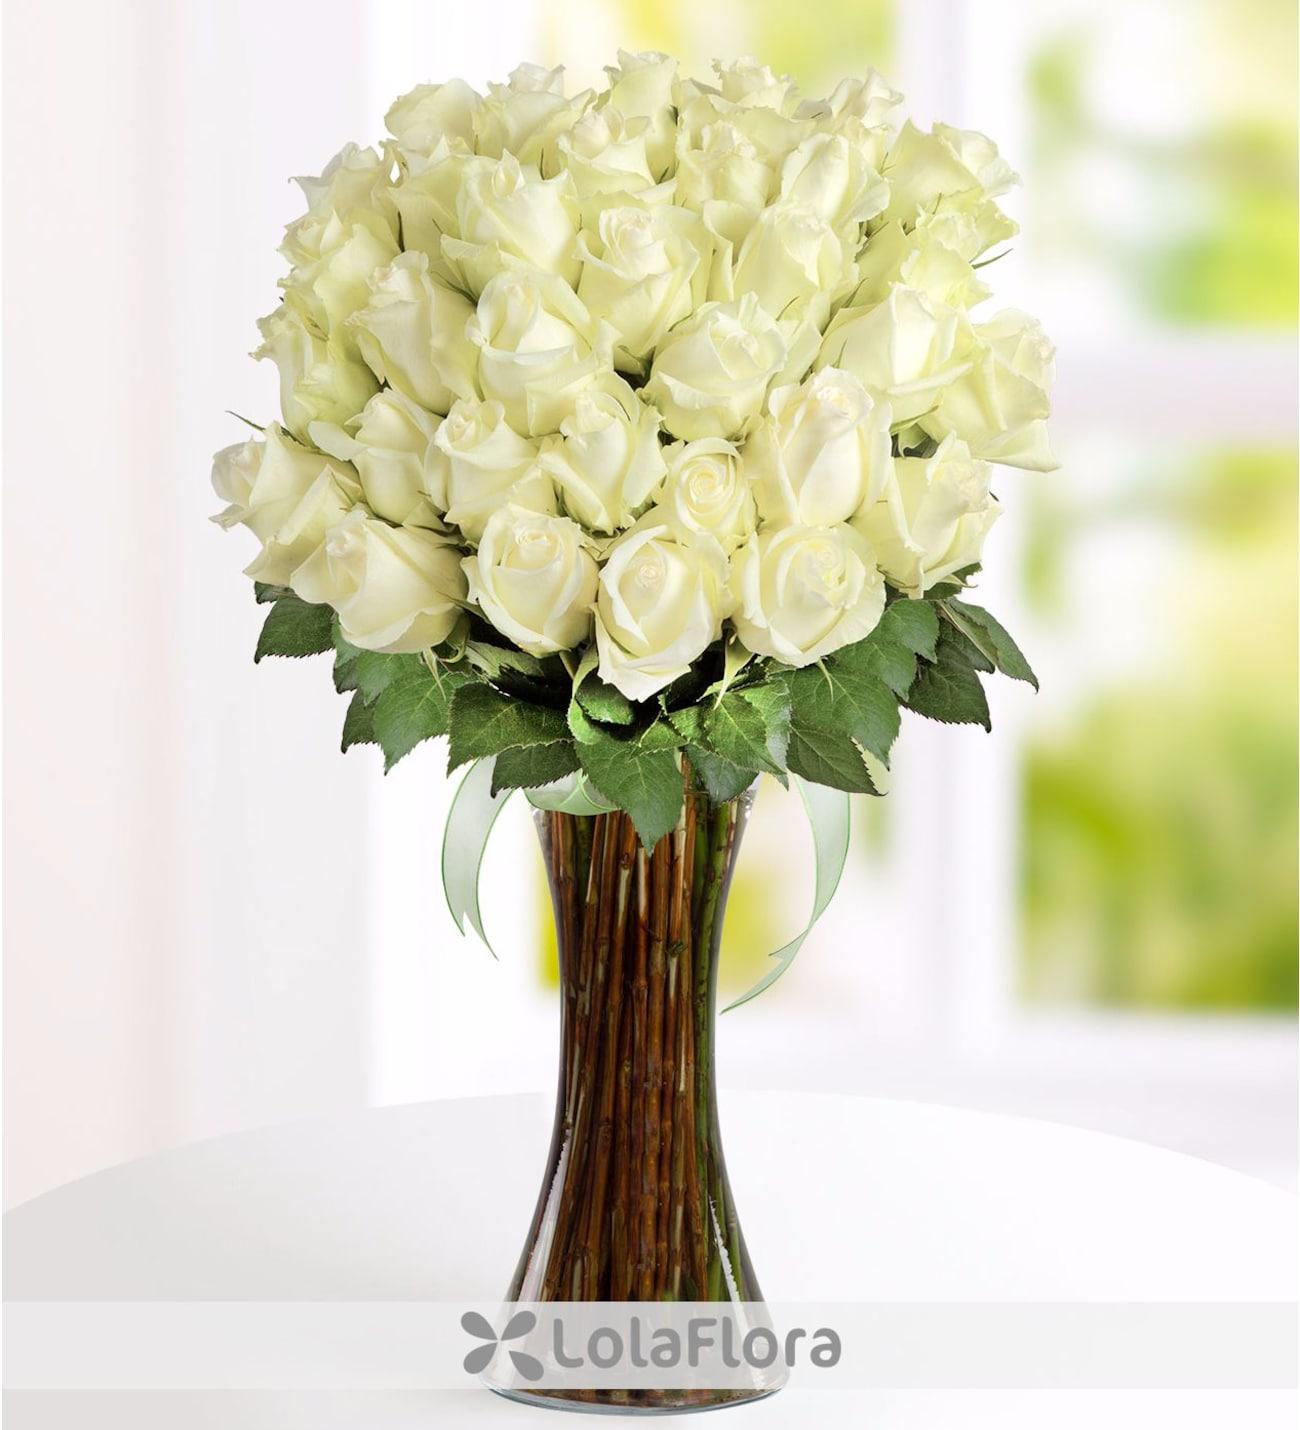 41 Rosas Blancas Y Hojas Verdes En Florero De Cristal Con Lazo